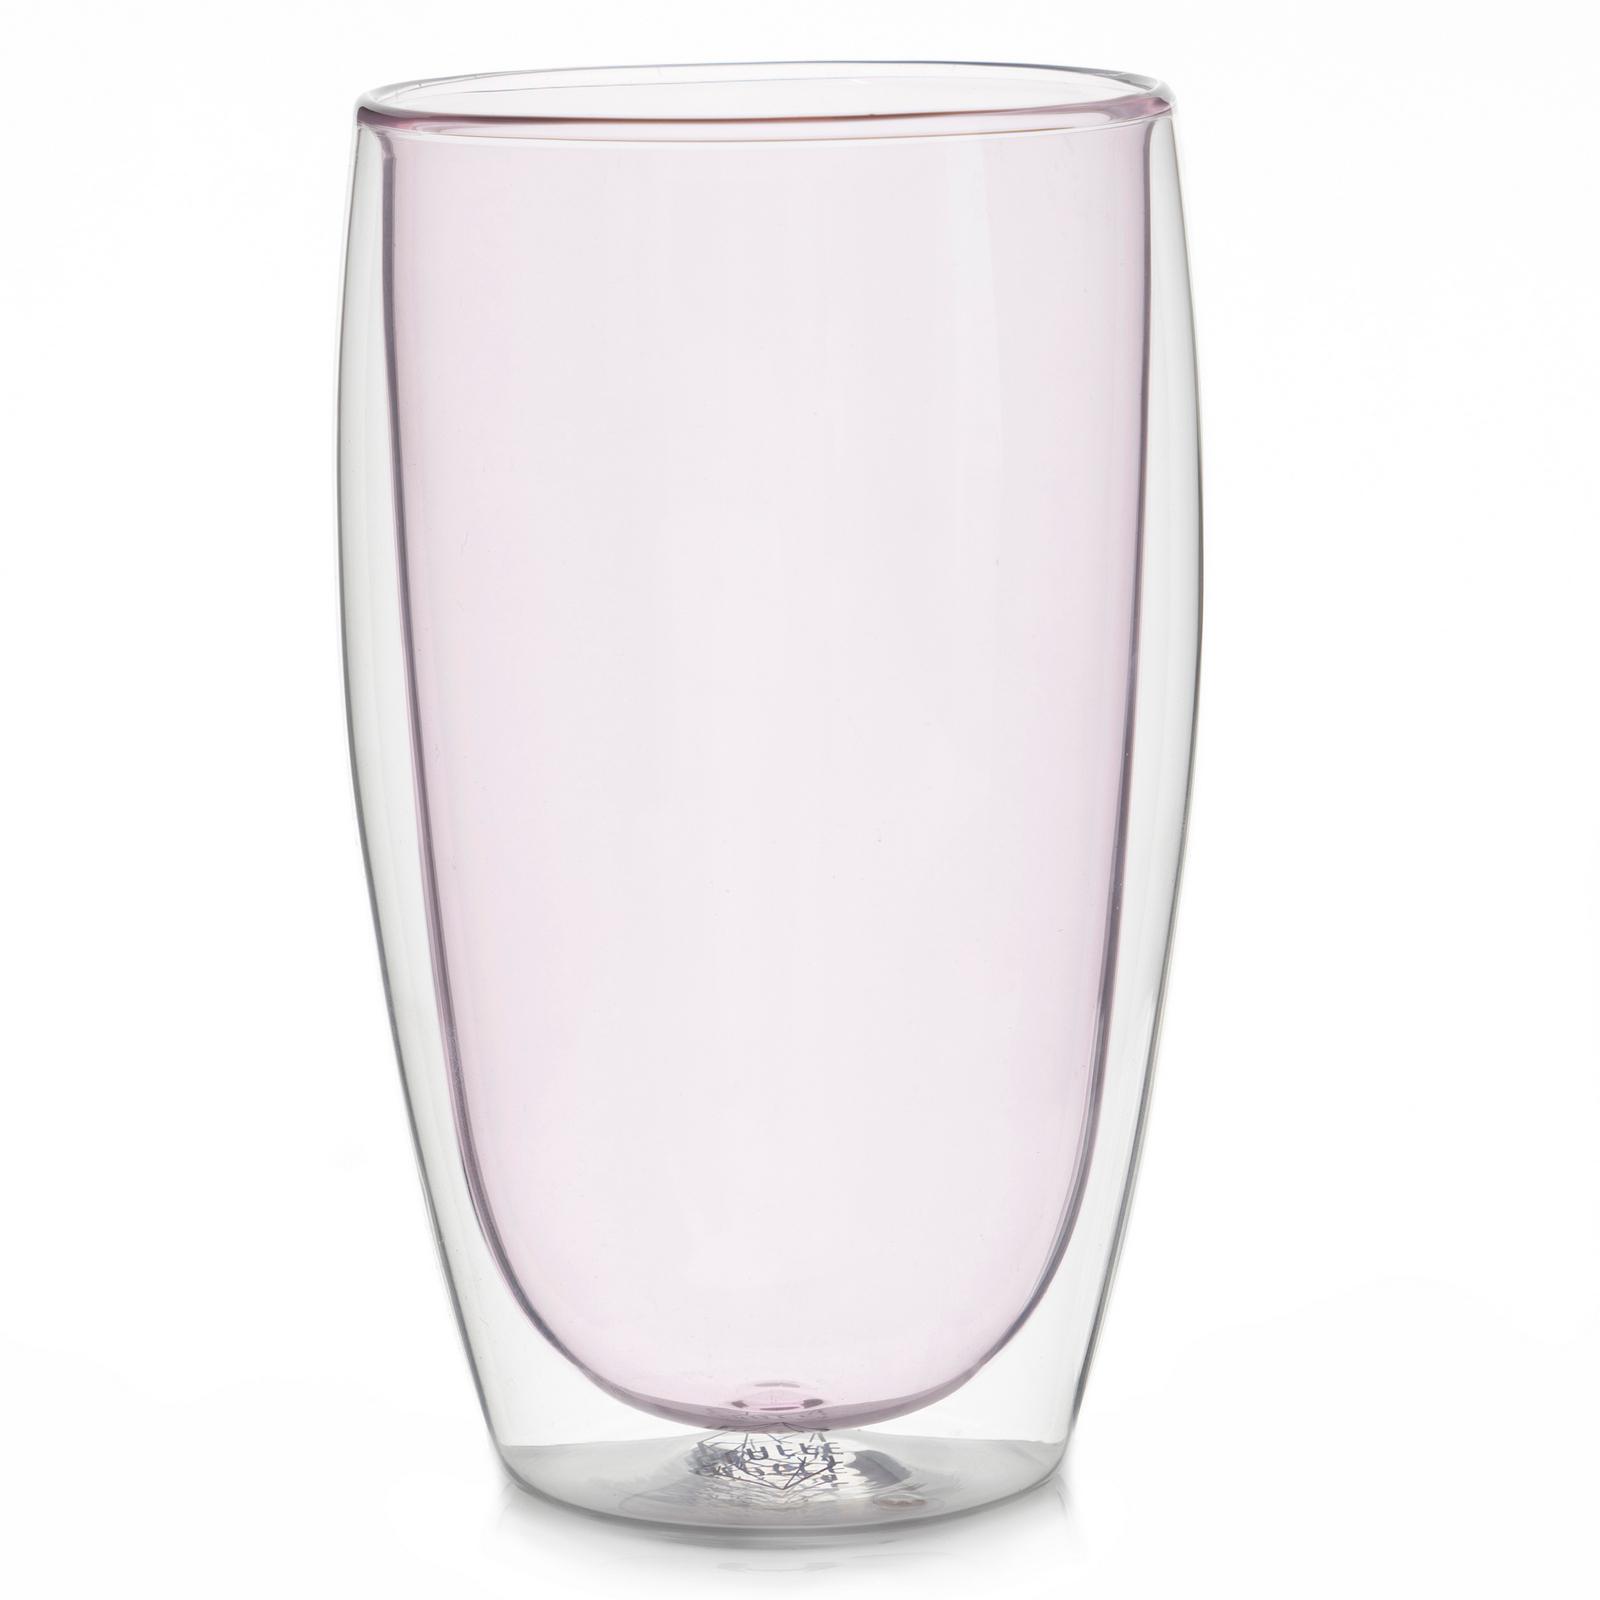 Все товары Стеклянный стакан с двойными стенками розового цвета, 450 мл розовый1.jpg